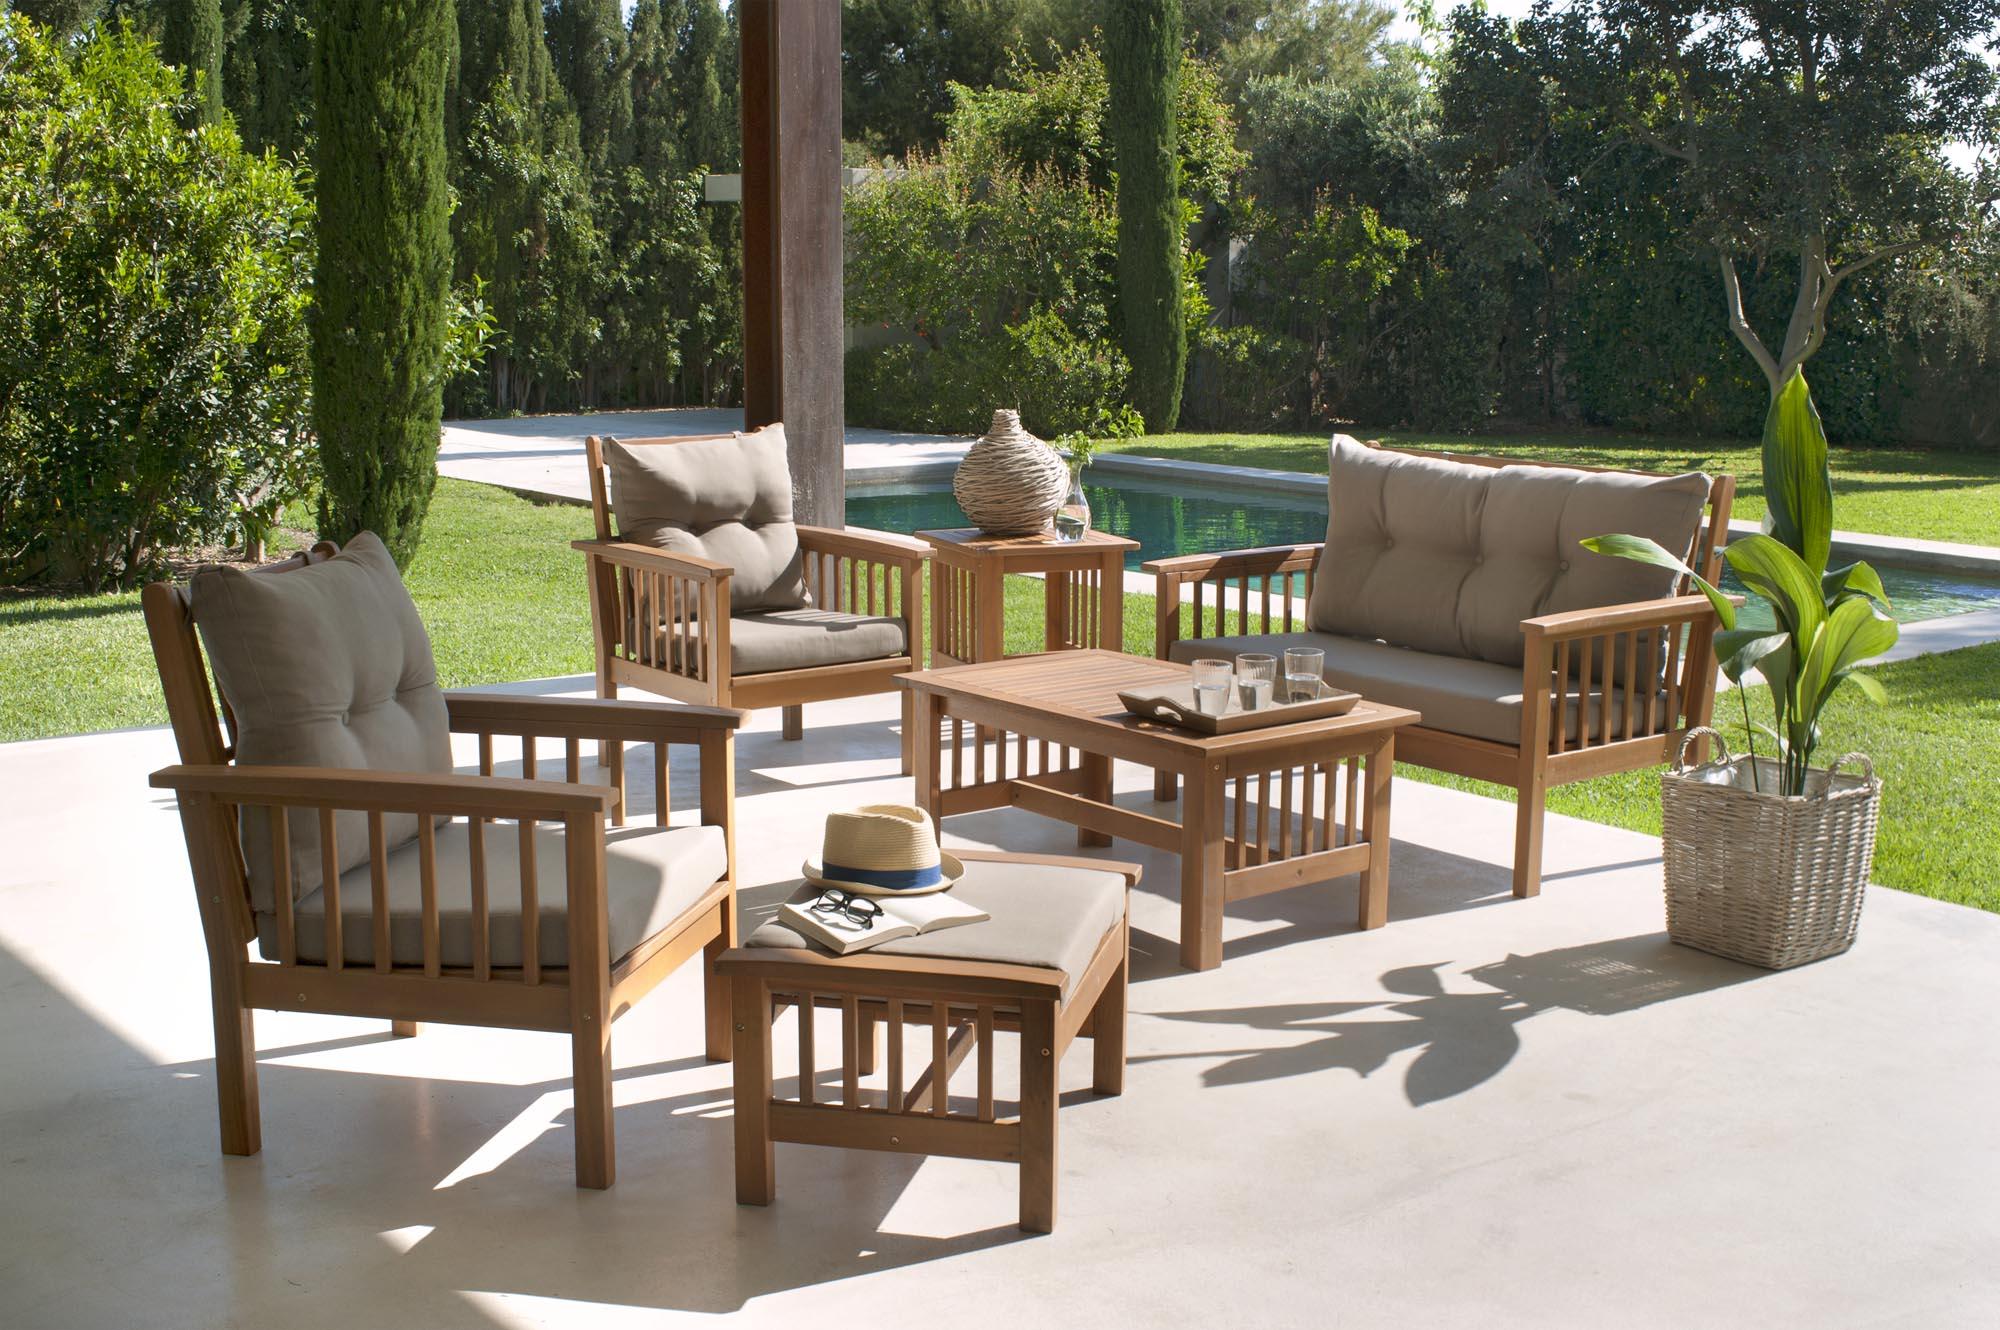 Salon De Jardin Carrefour Lormont Jardin Piscine Et Cabane